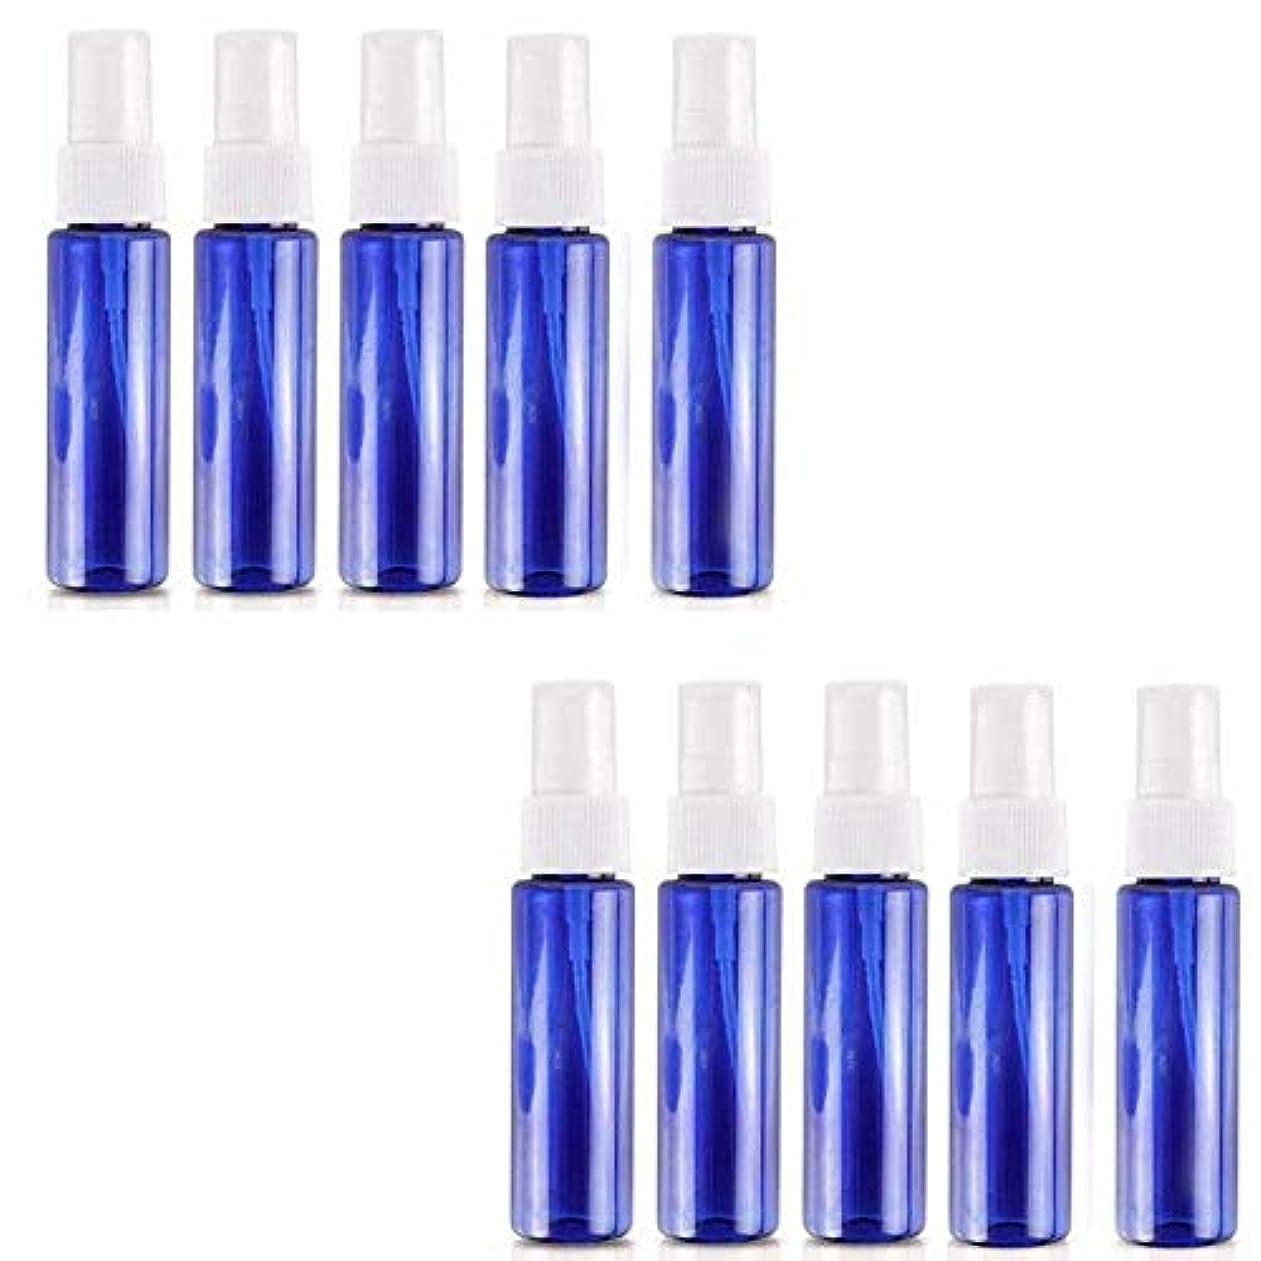 ボクシング青写真コンパニオン30ML 遮光瓶スプレー 10本 アロマ虫除けスプレー プラスチック製 青